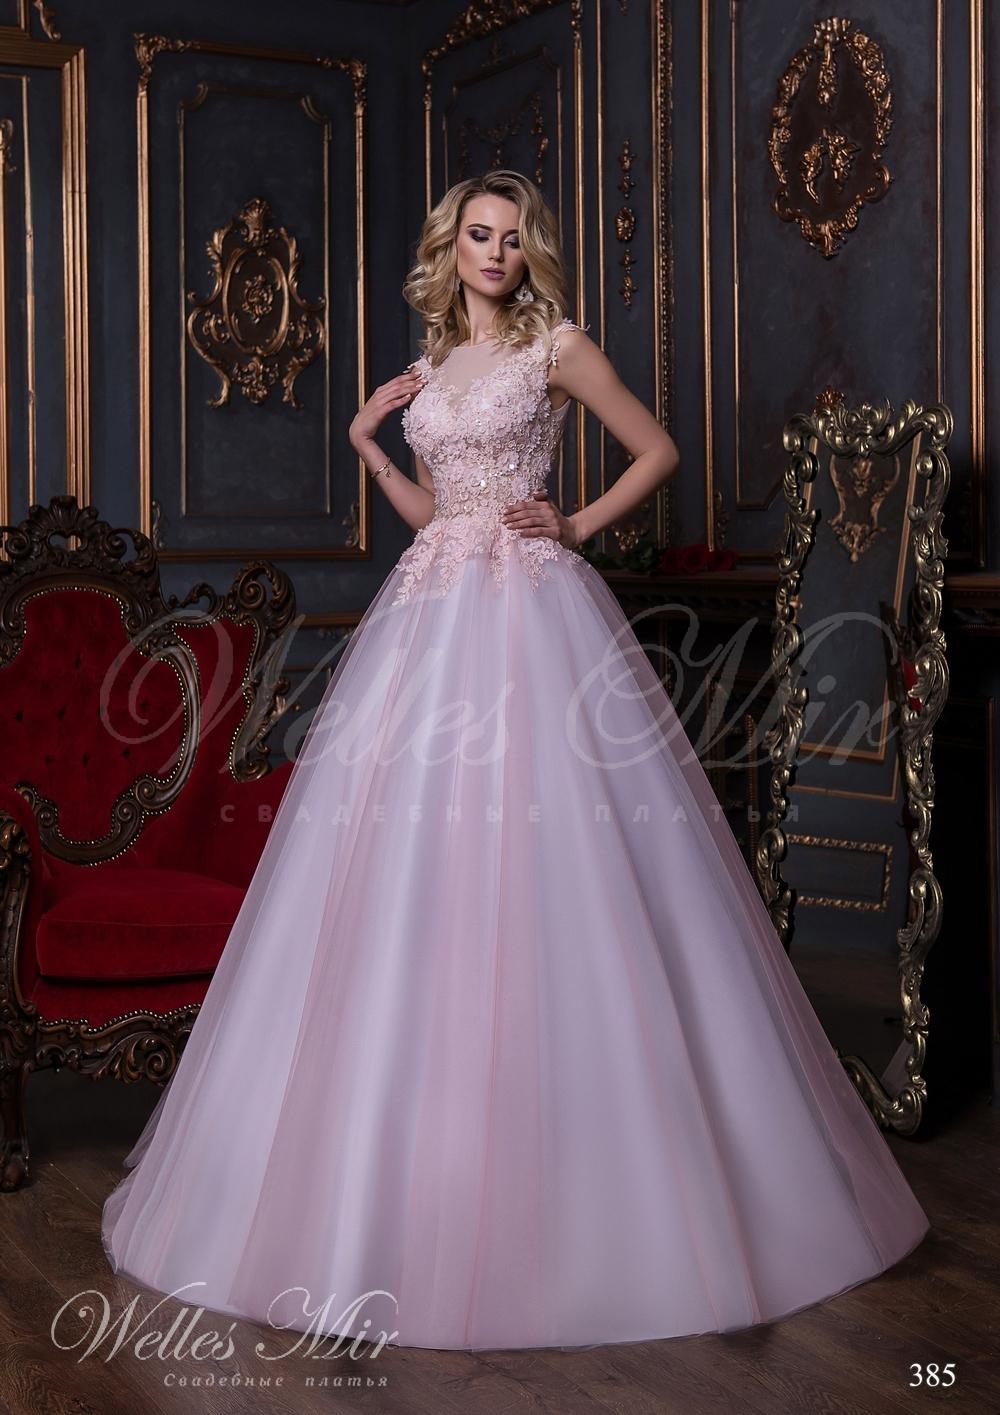 Свадебные платья Luxury collection 2017-2018 - 385